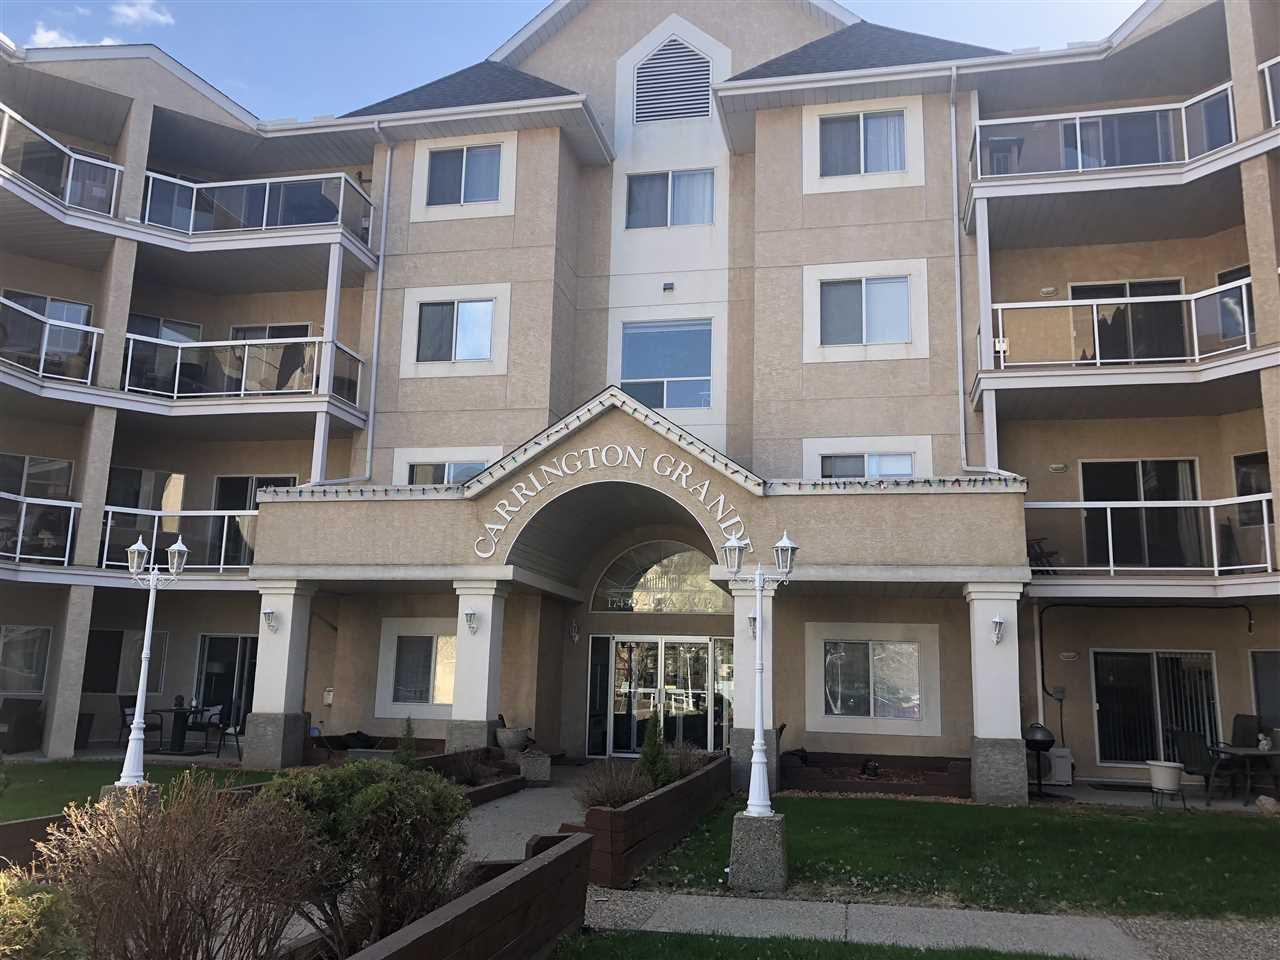 Main Photo: 216 17459 98A Avenue in Edmonton: Zone 20 Condo for sale : MLS®# E4143209